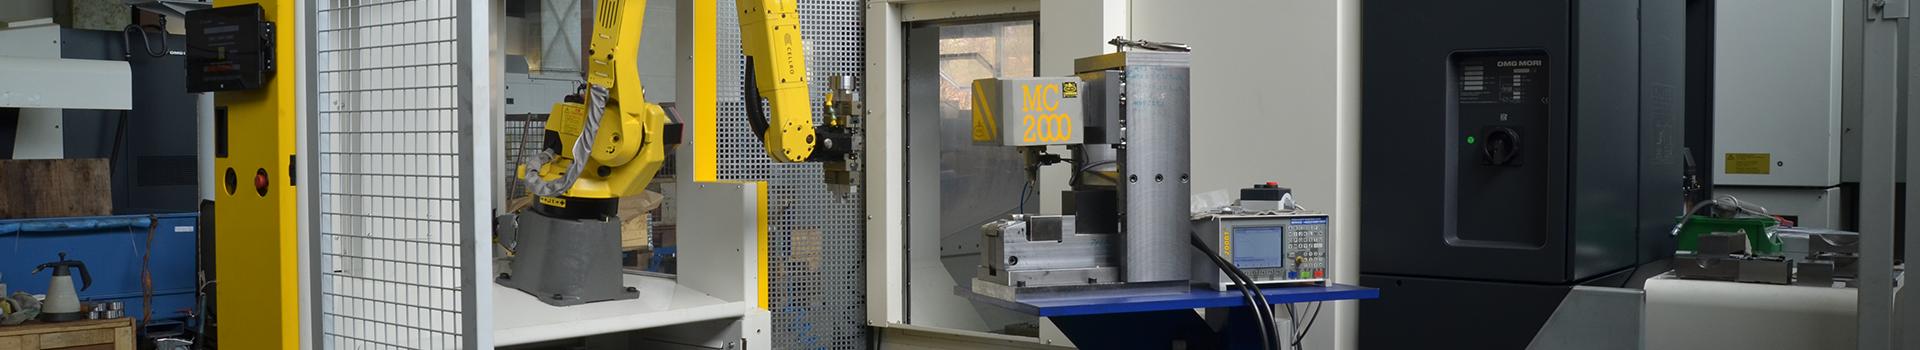 DMG Mori CNC Machine met Cellro Xcelerate